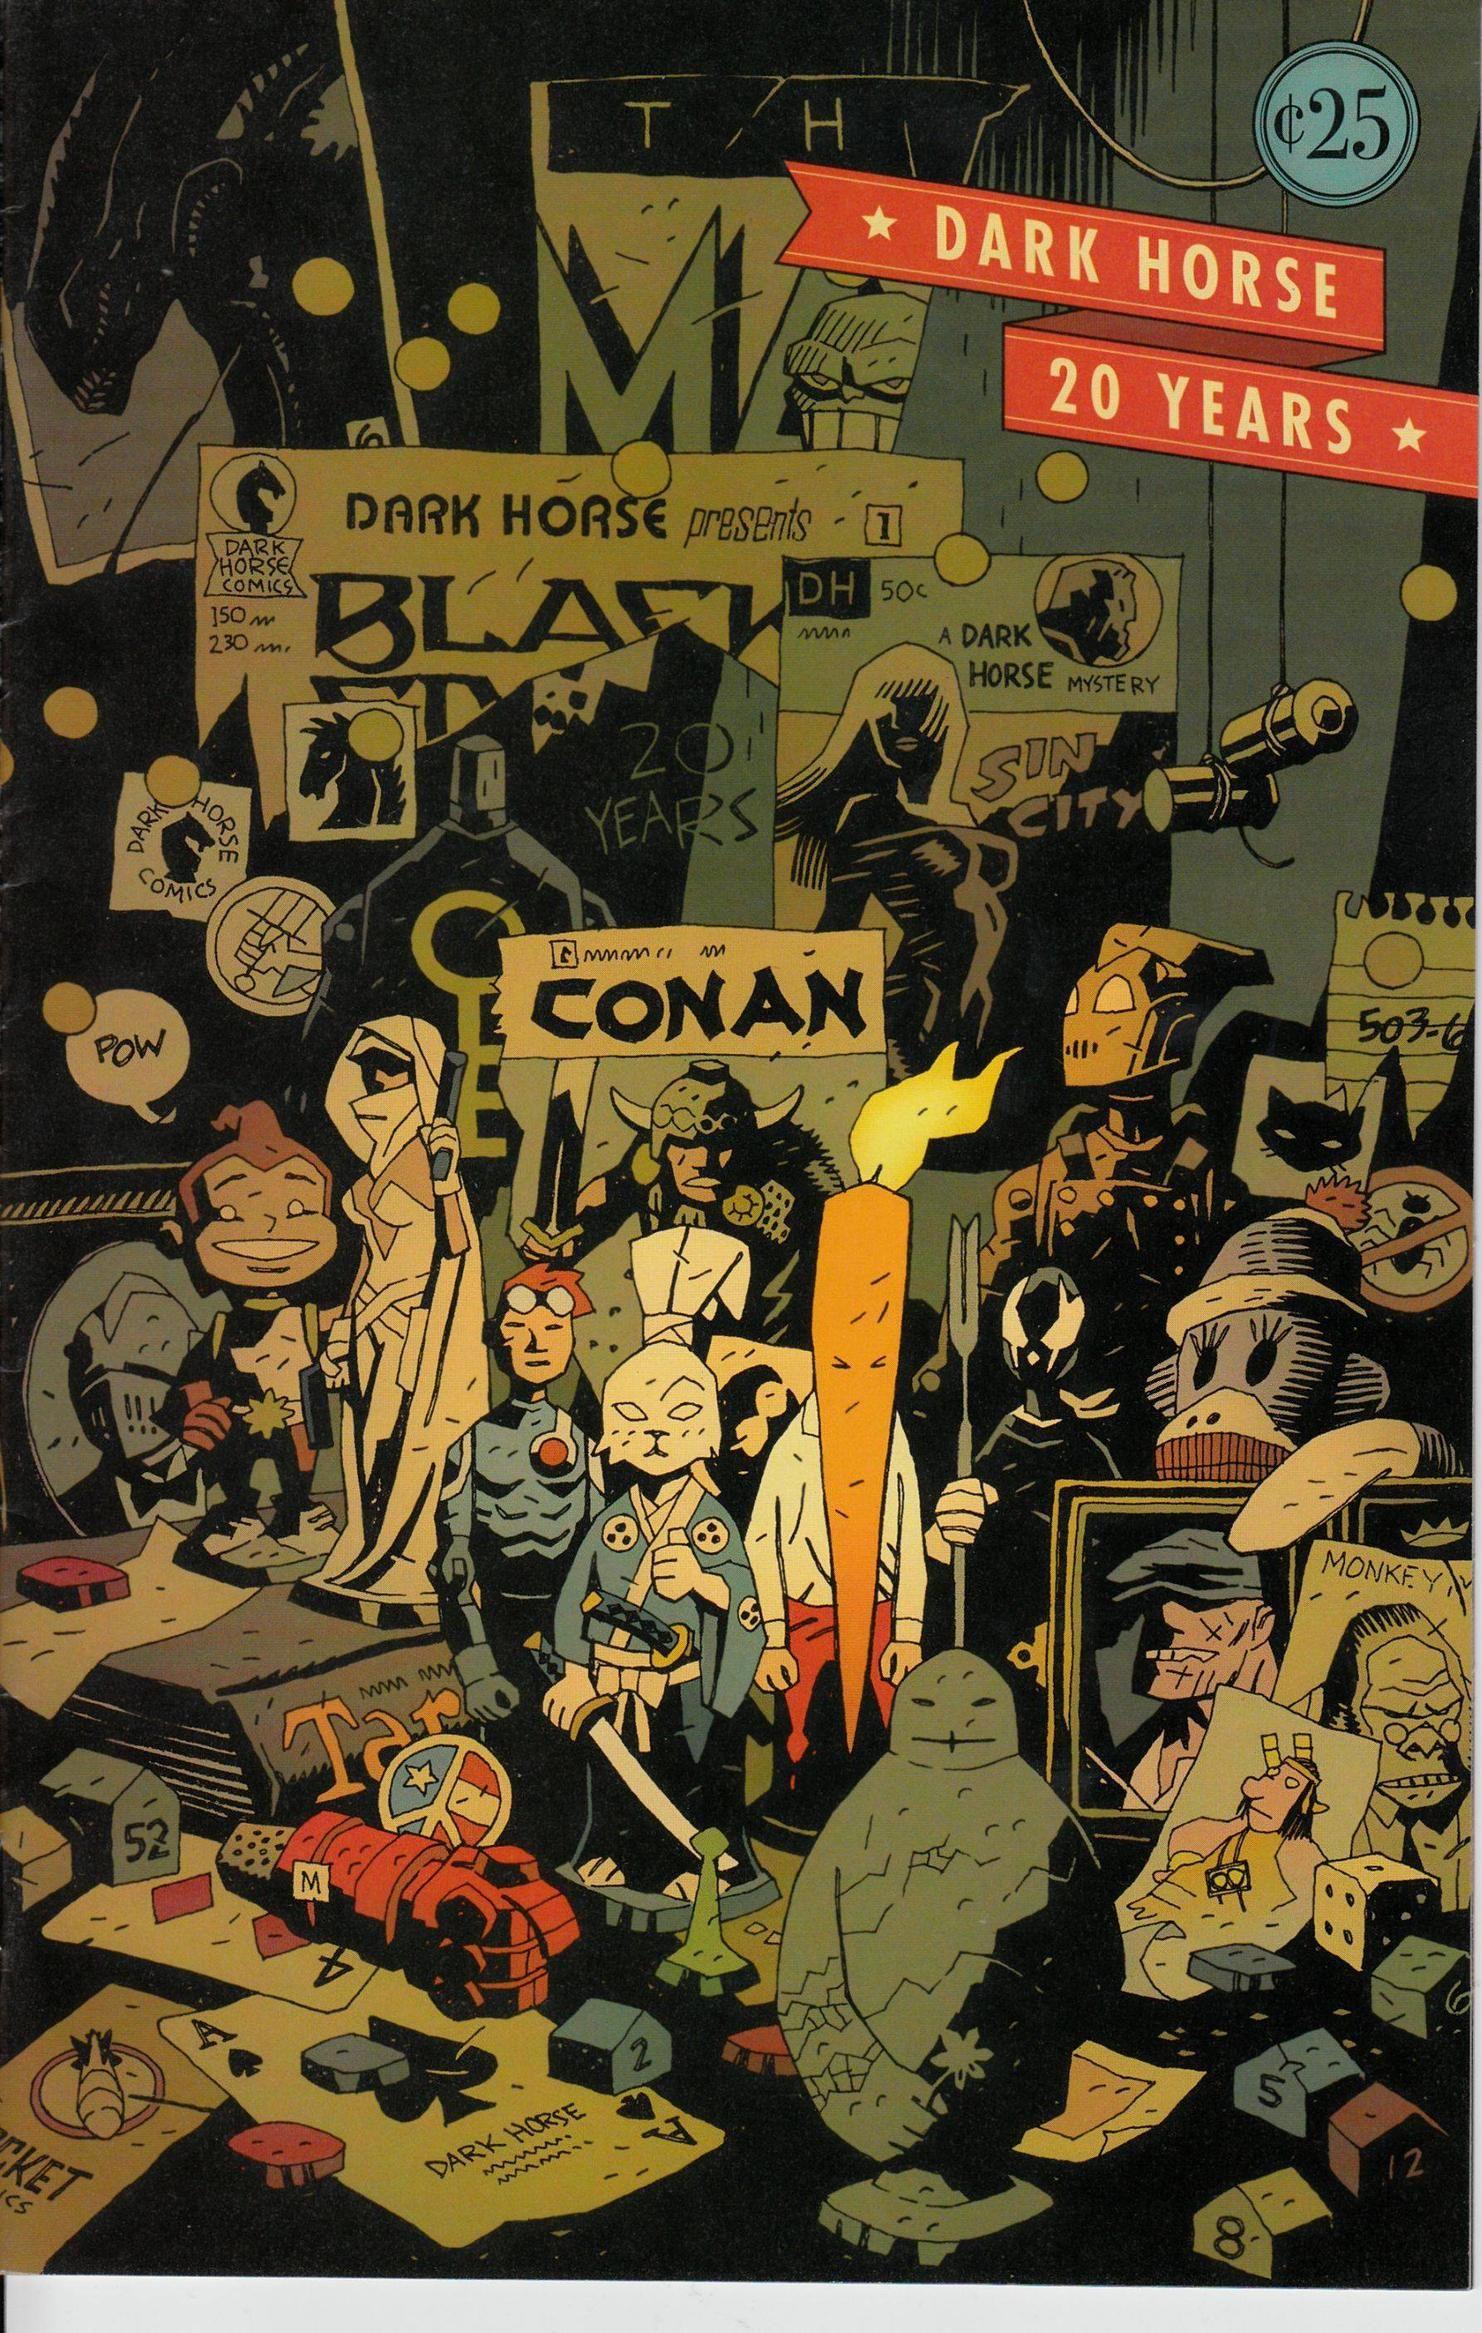 Dark Horse Comics by Mike Mignola | Mike mignola, Mike mignola art ...